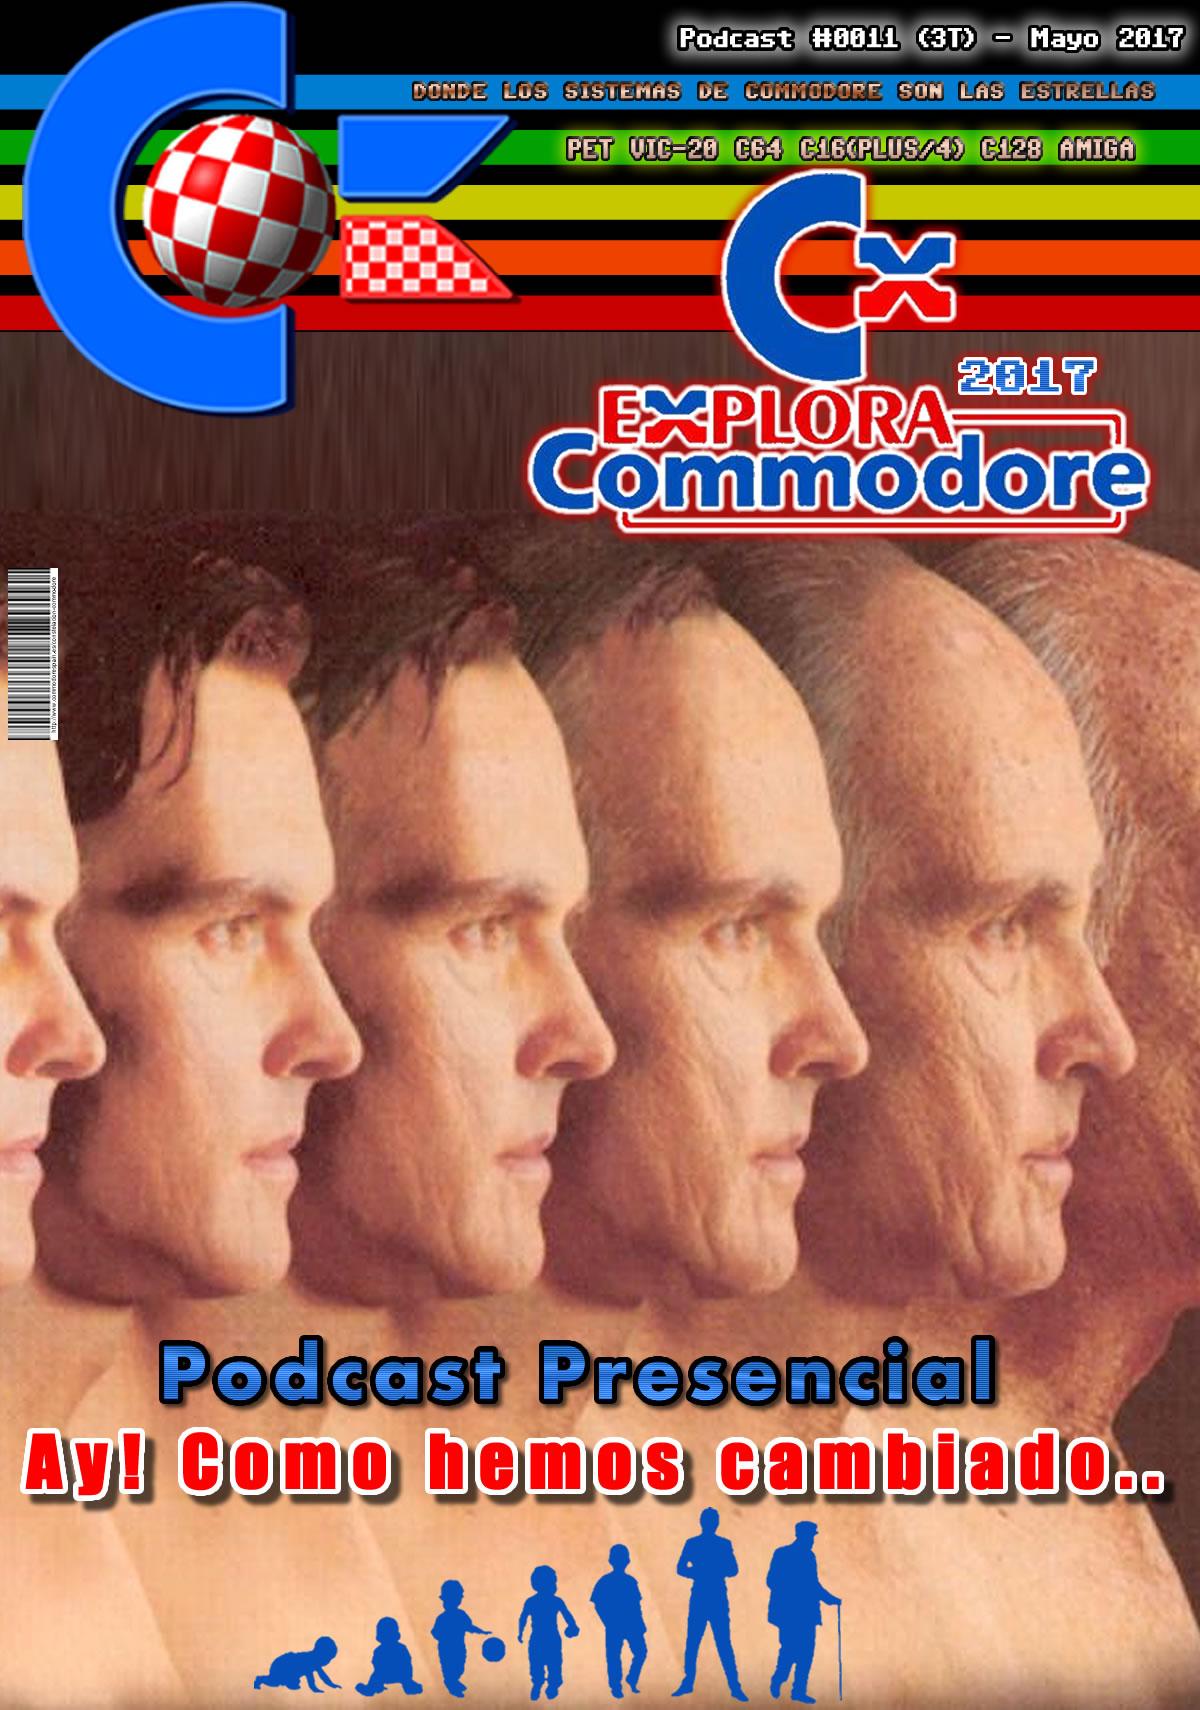 Portada Podcast 0011